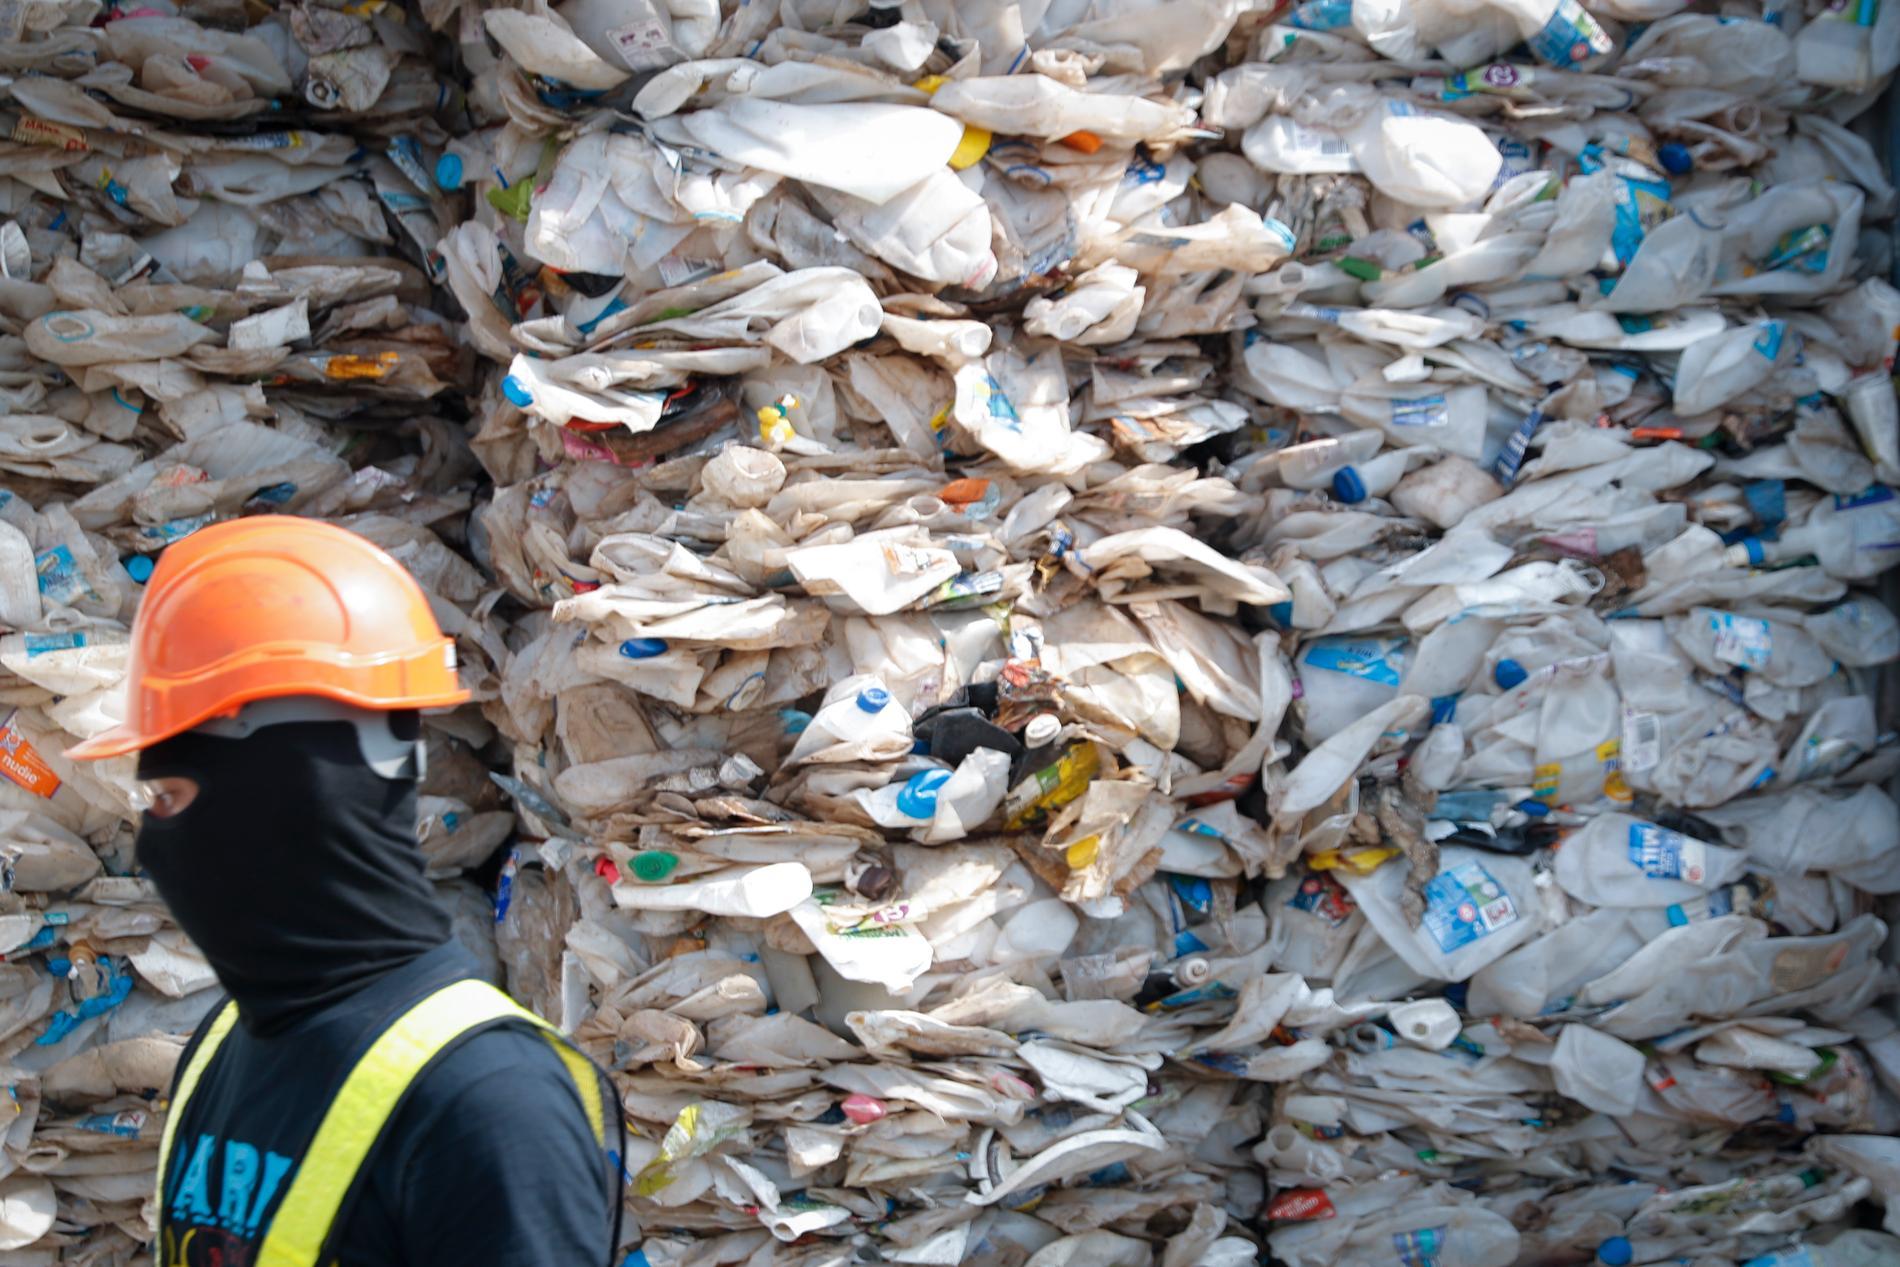 Malaysias miljöminister Yeo Bee Yin säger att landet har blivit en soptipp för rika länders plastavfall.